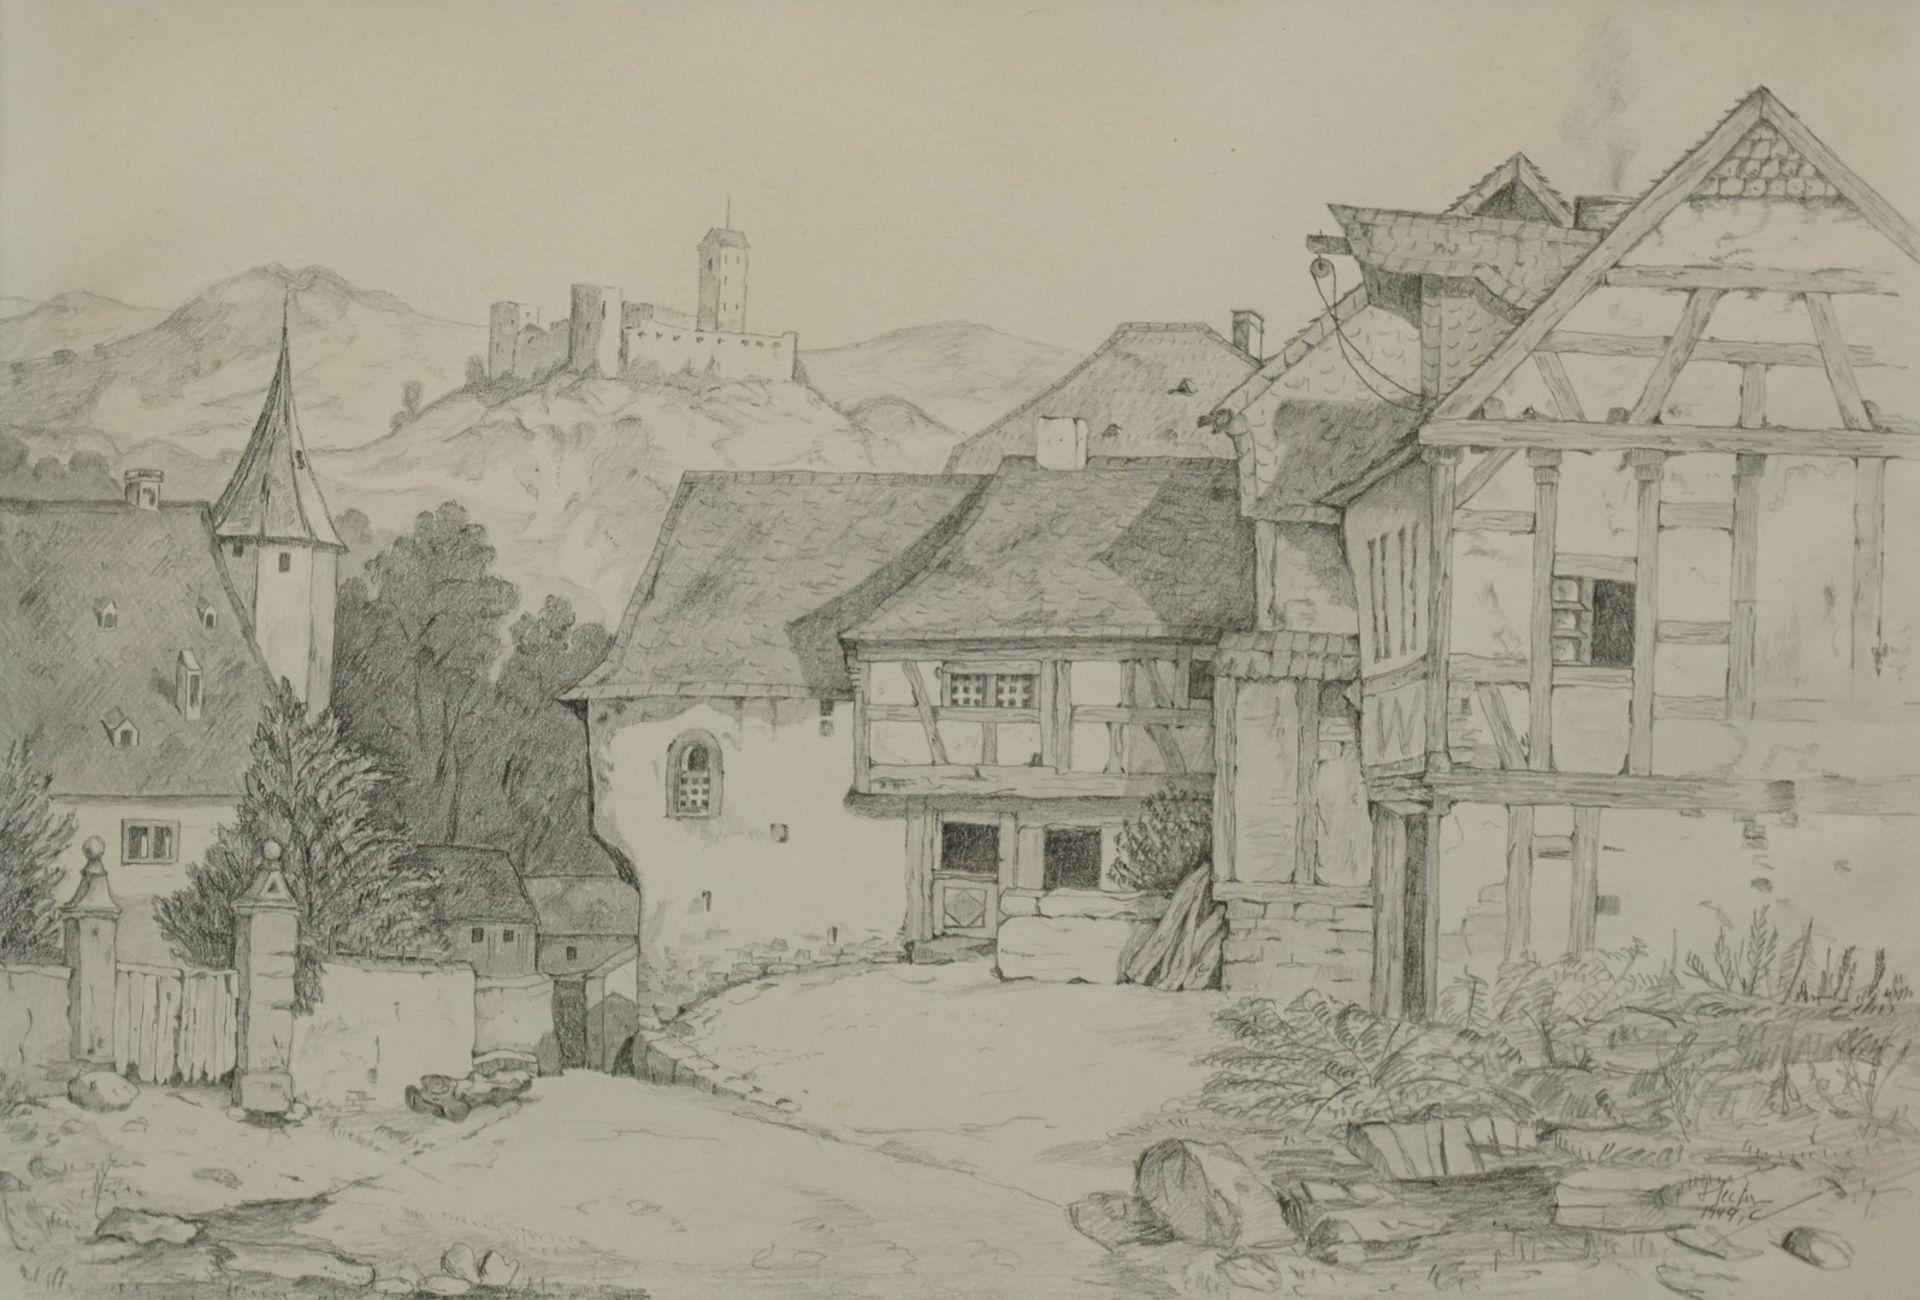 C. Hector, Dorfszene mit Burg